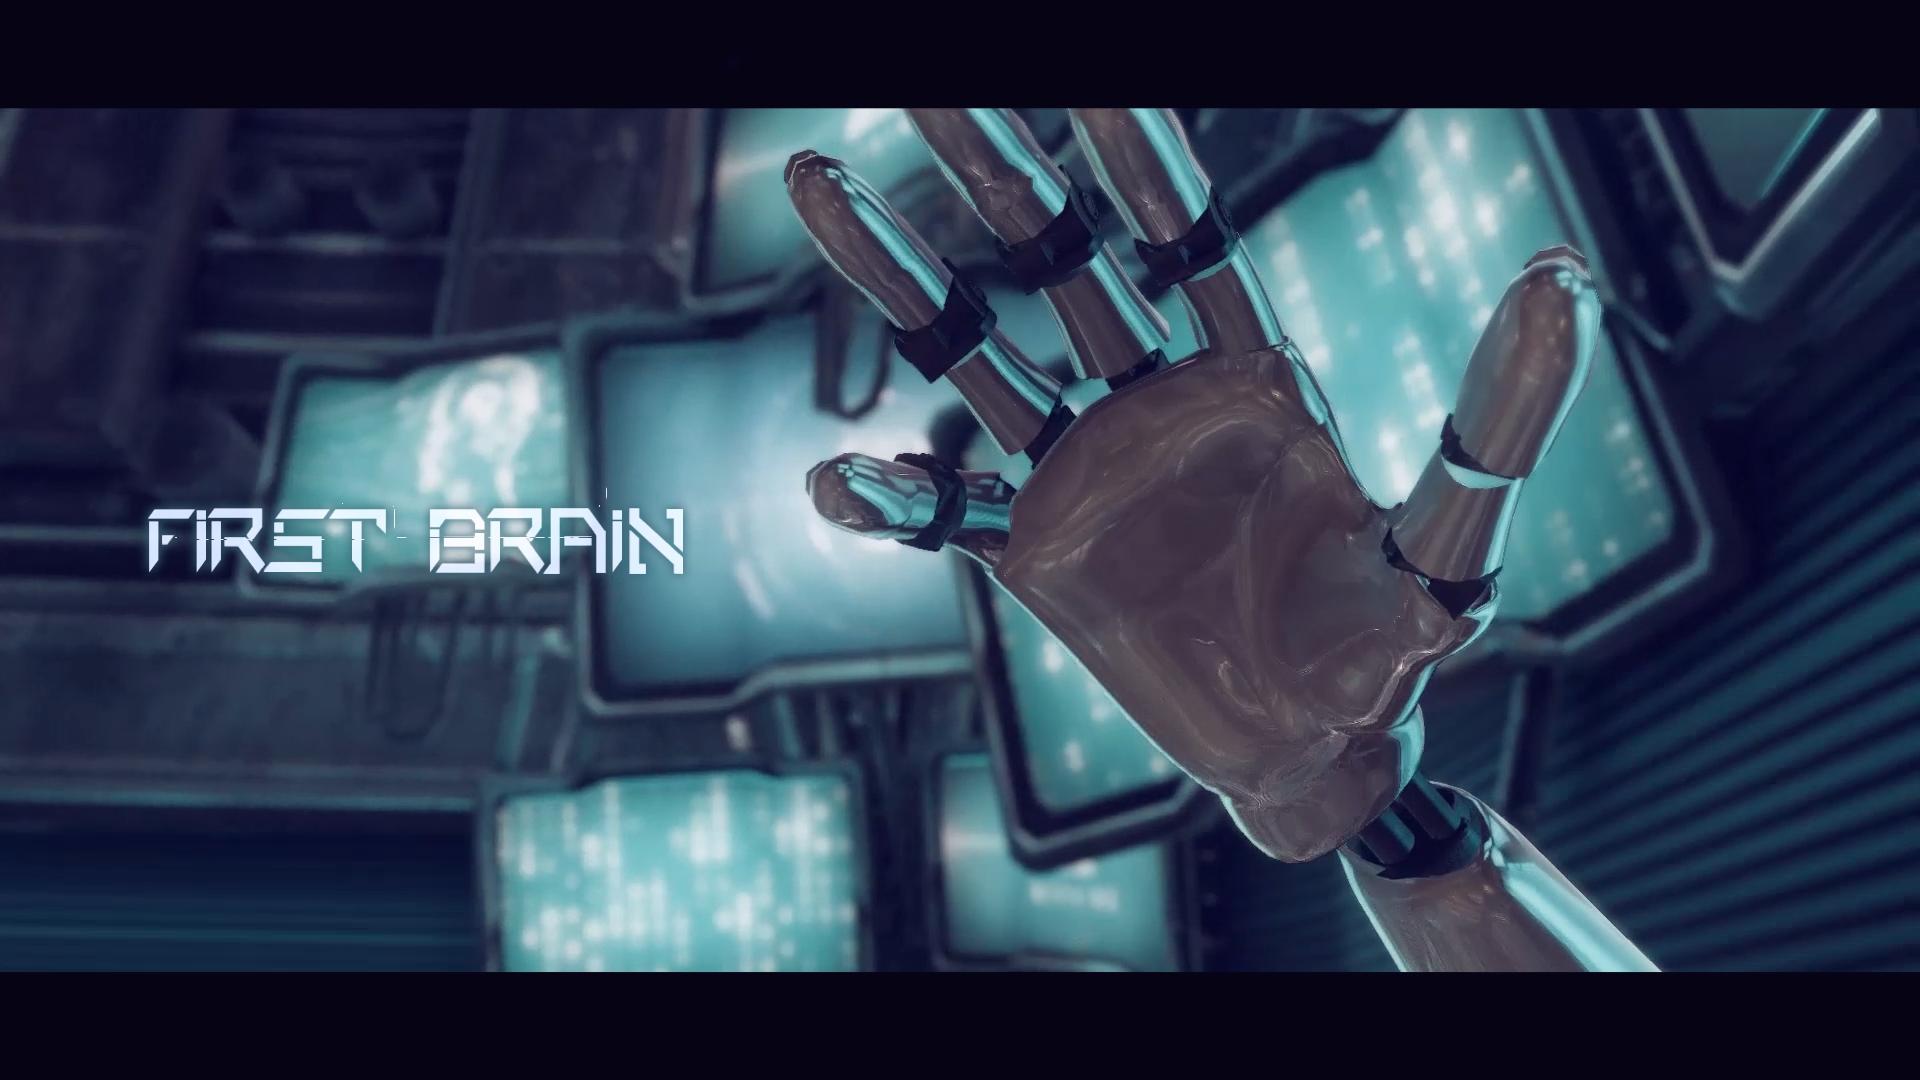 First Brain